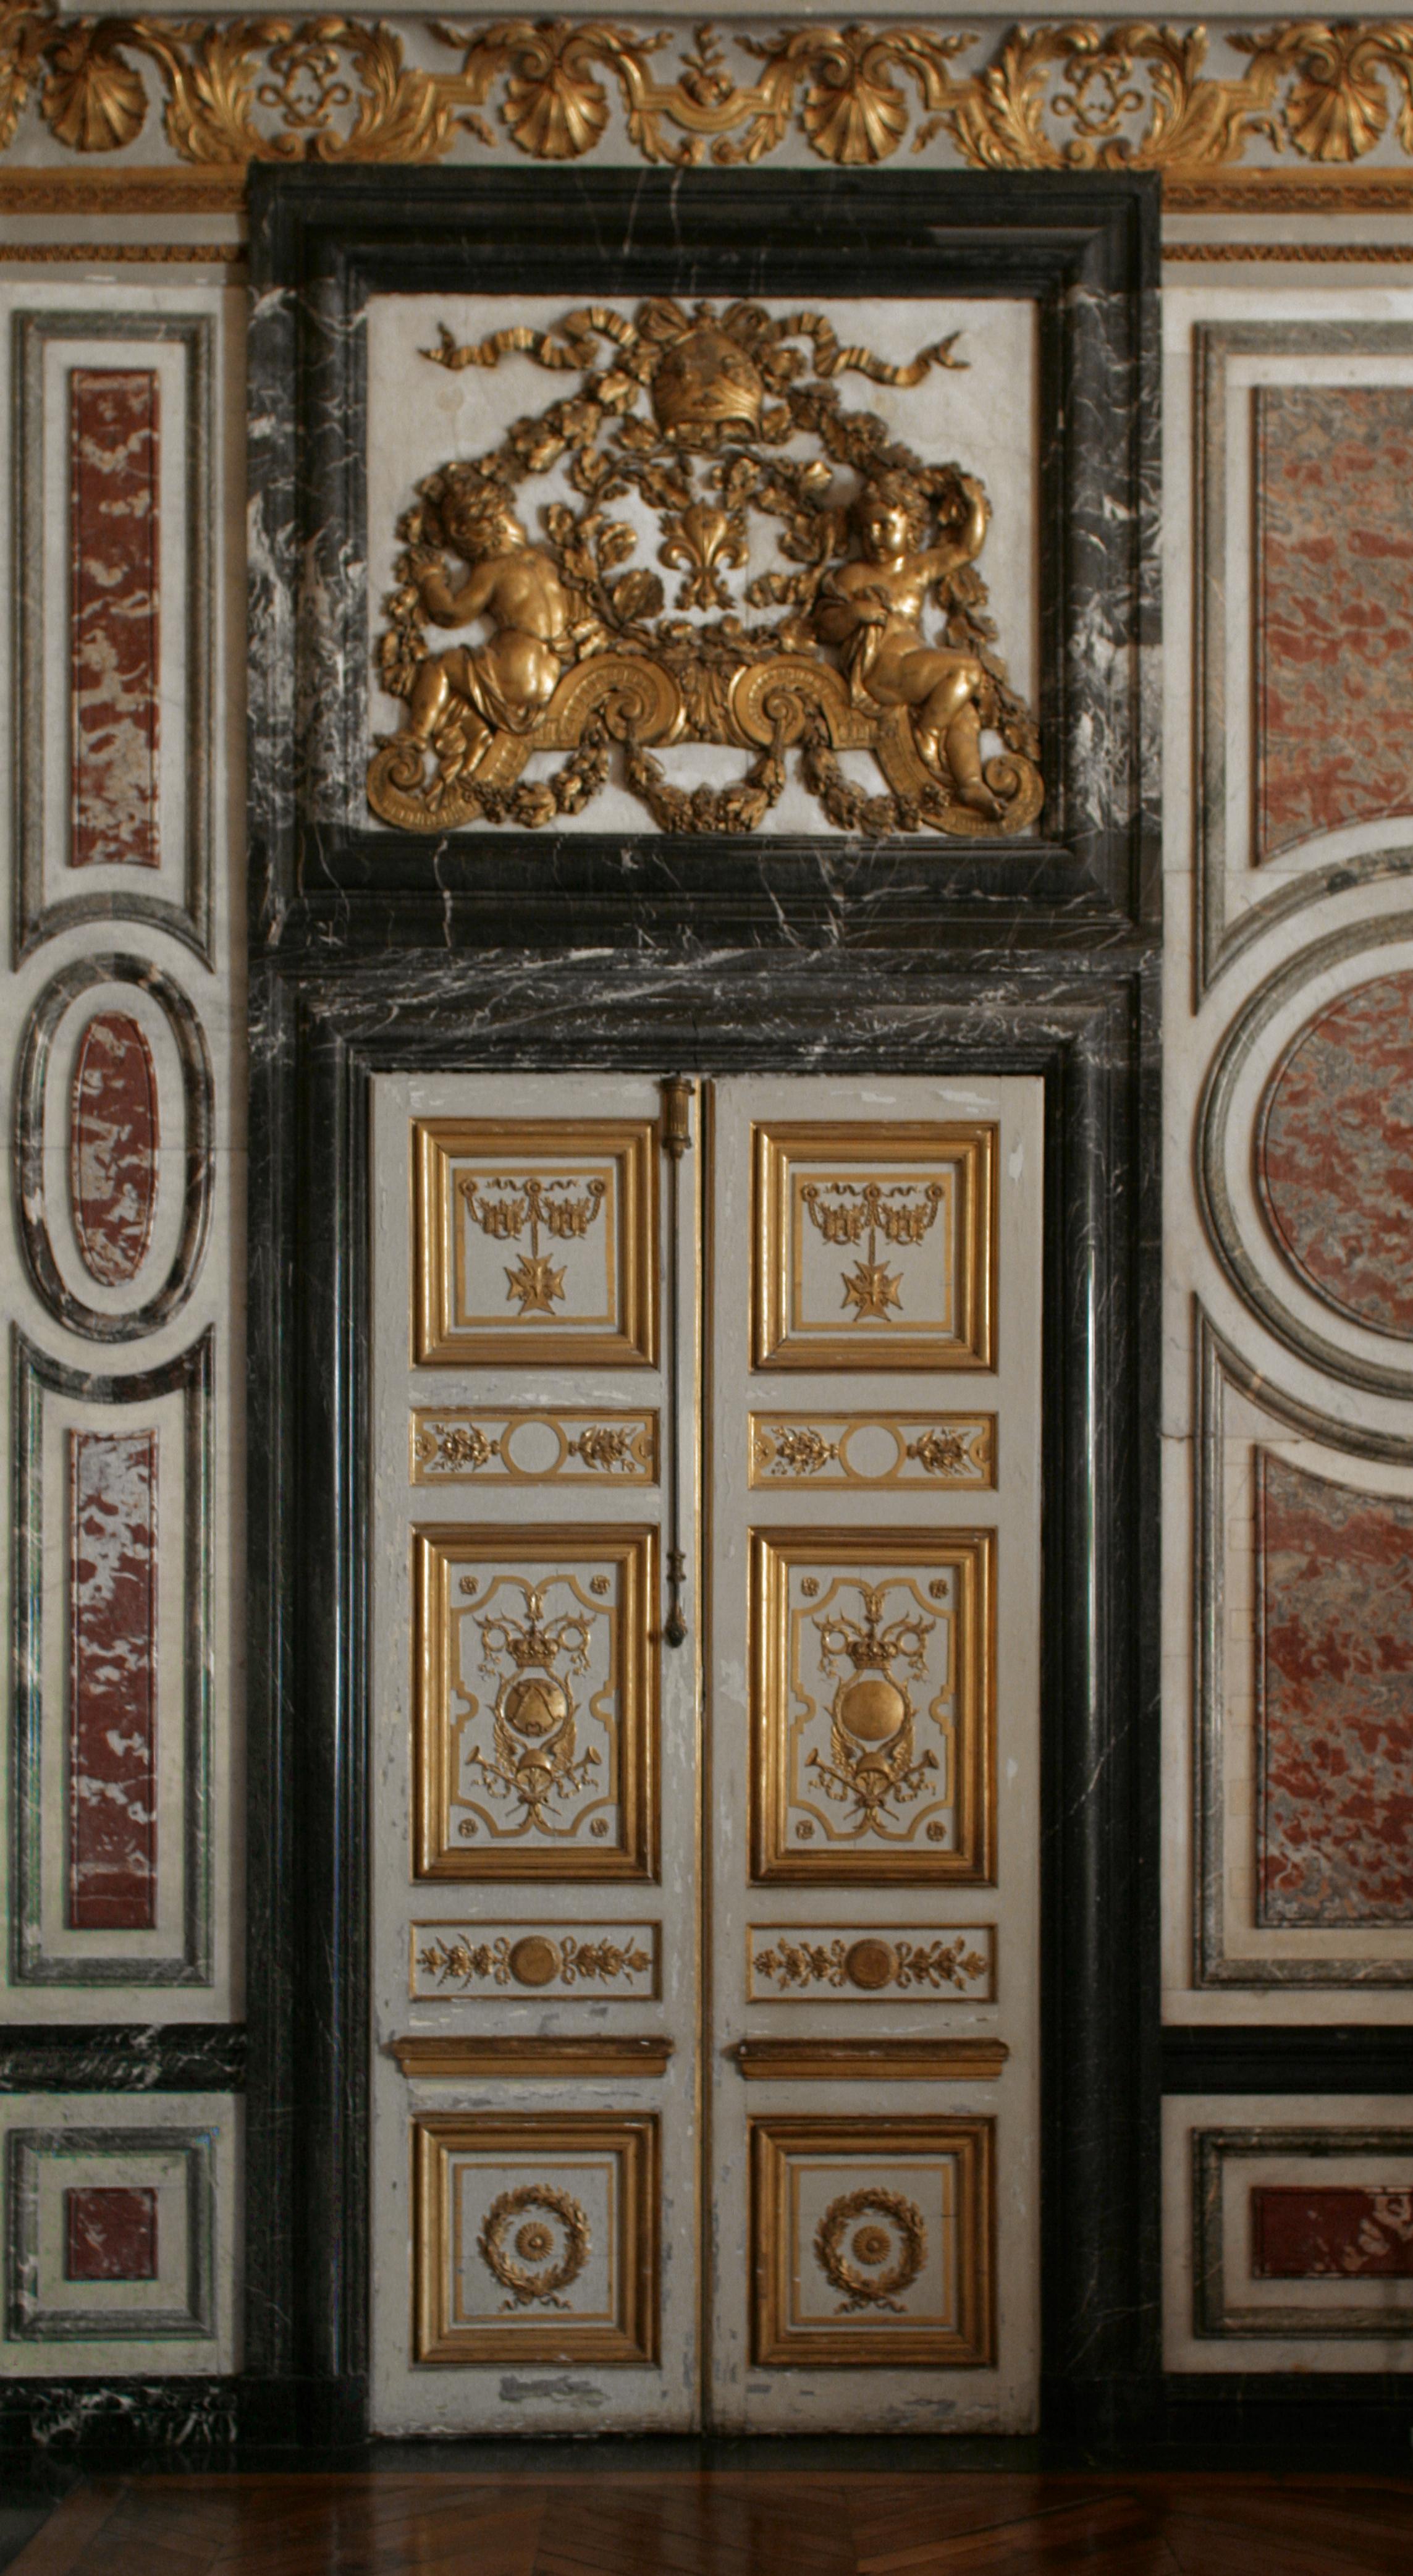 FileChâteau de Versailles salle des gardes de la reine porte.jpg & File:Château de Versailles salle des gardes de la reine porte.jpg ...